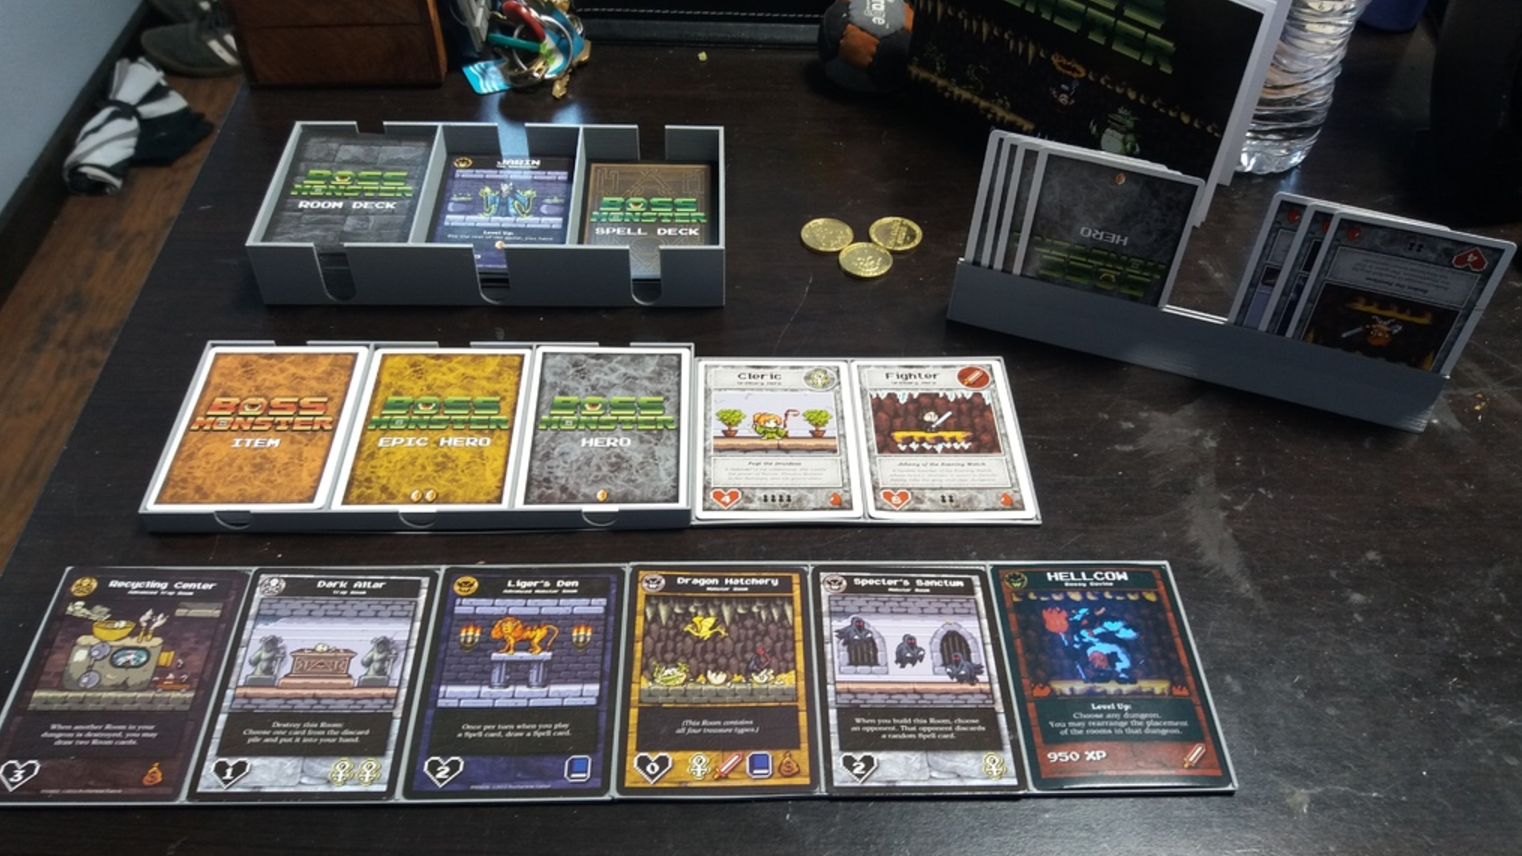 Capture d'écran 2017-09-06 à 11.05.35.png Download free STL file Boss Monster Dungeon Board & Card Holders • 3D printable design, jbrum360